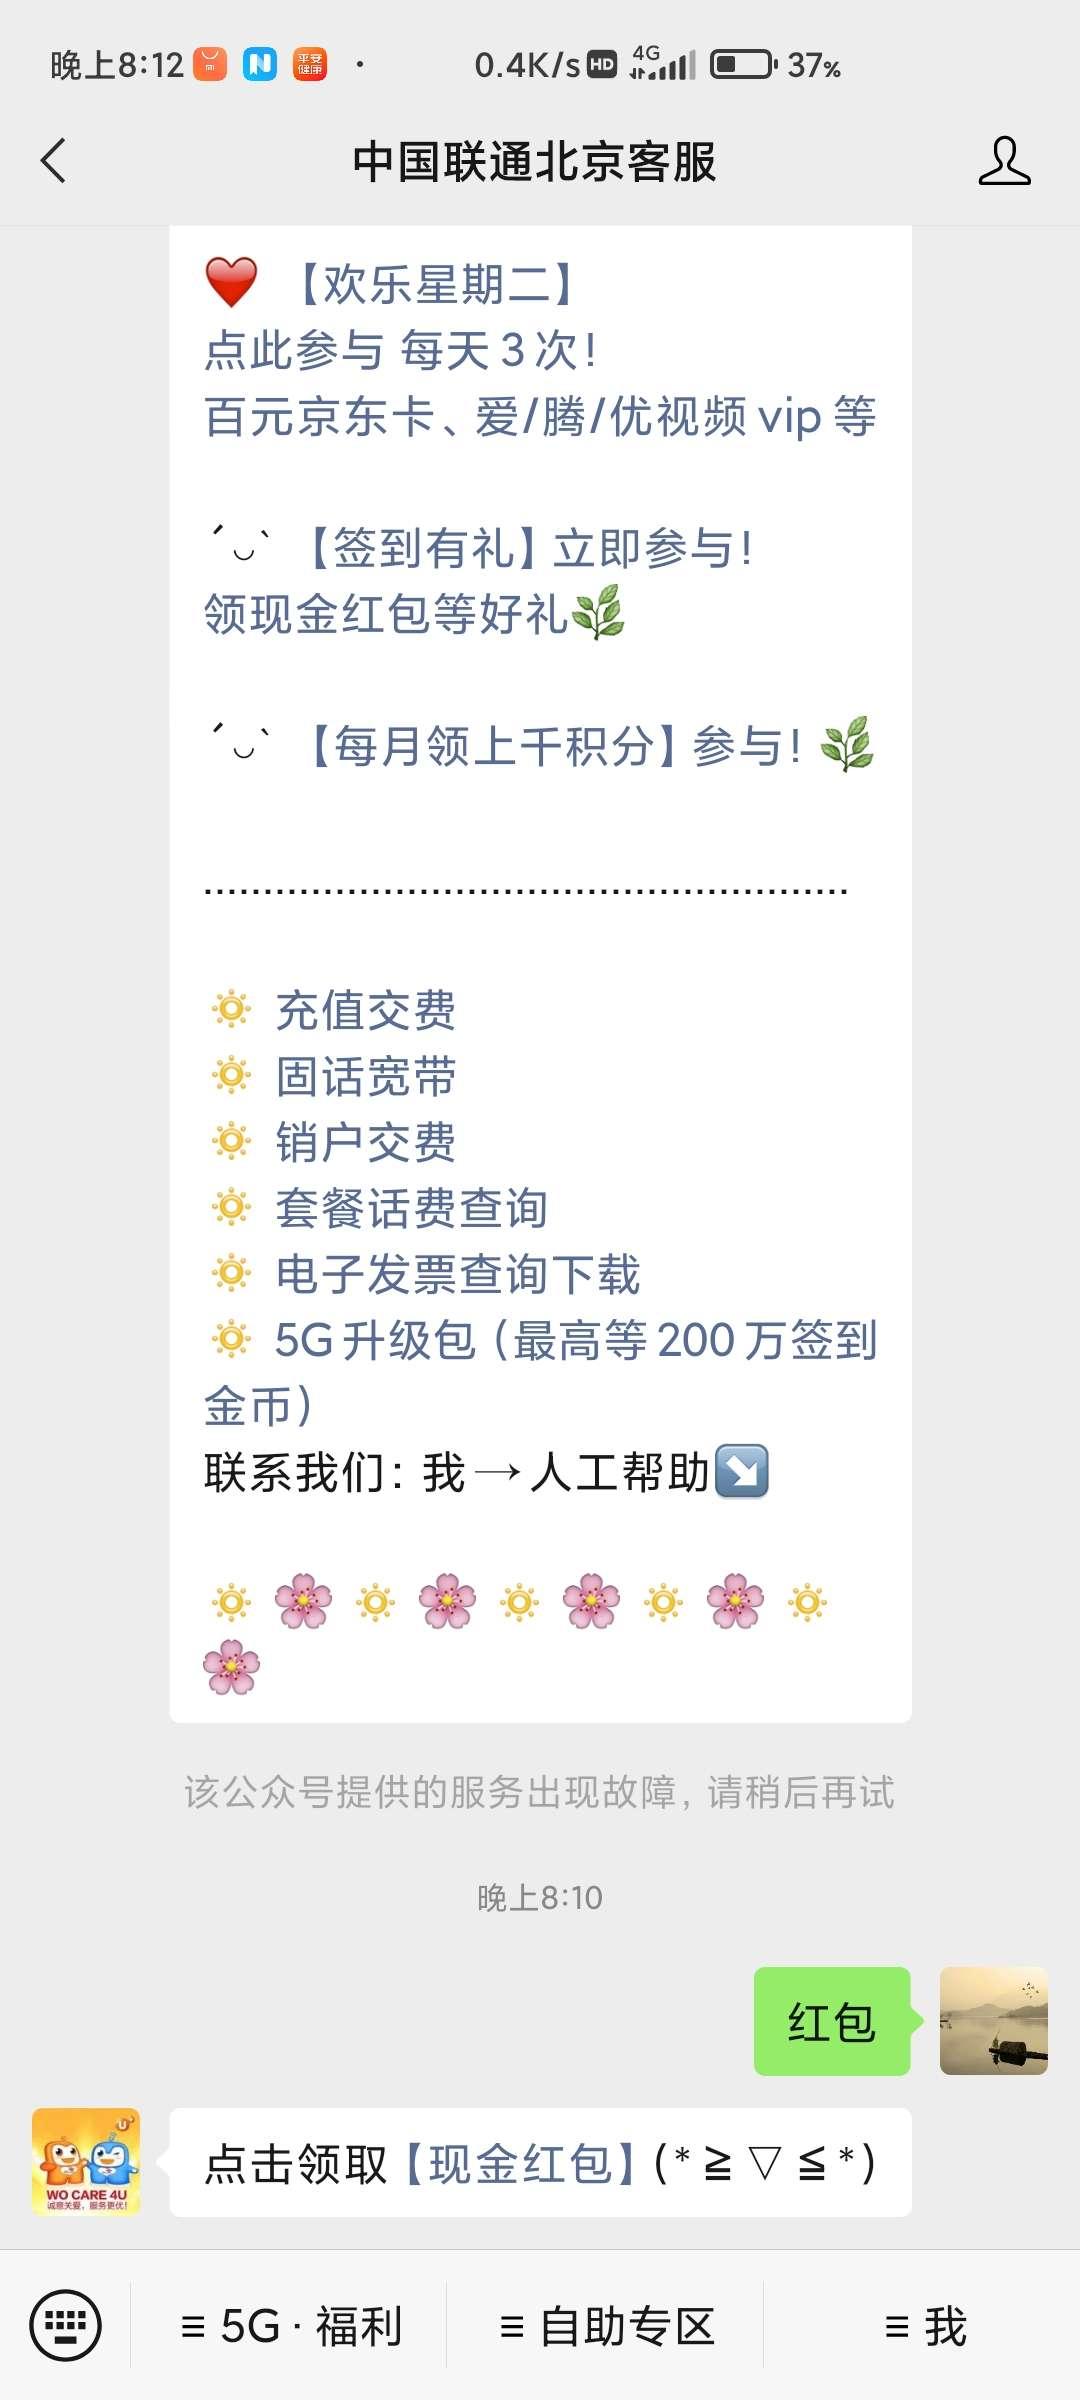 【现金红包】中国联通北京客服抽红包